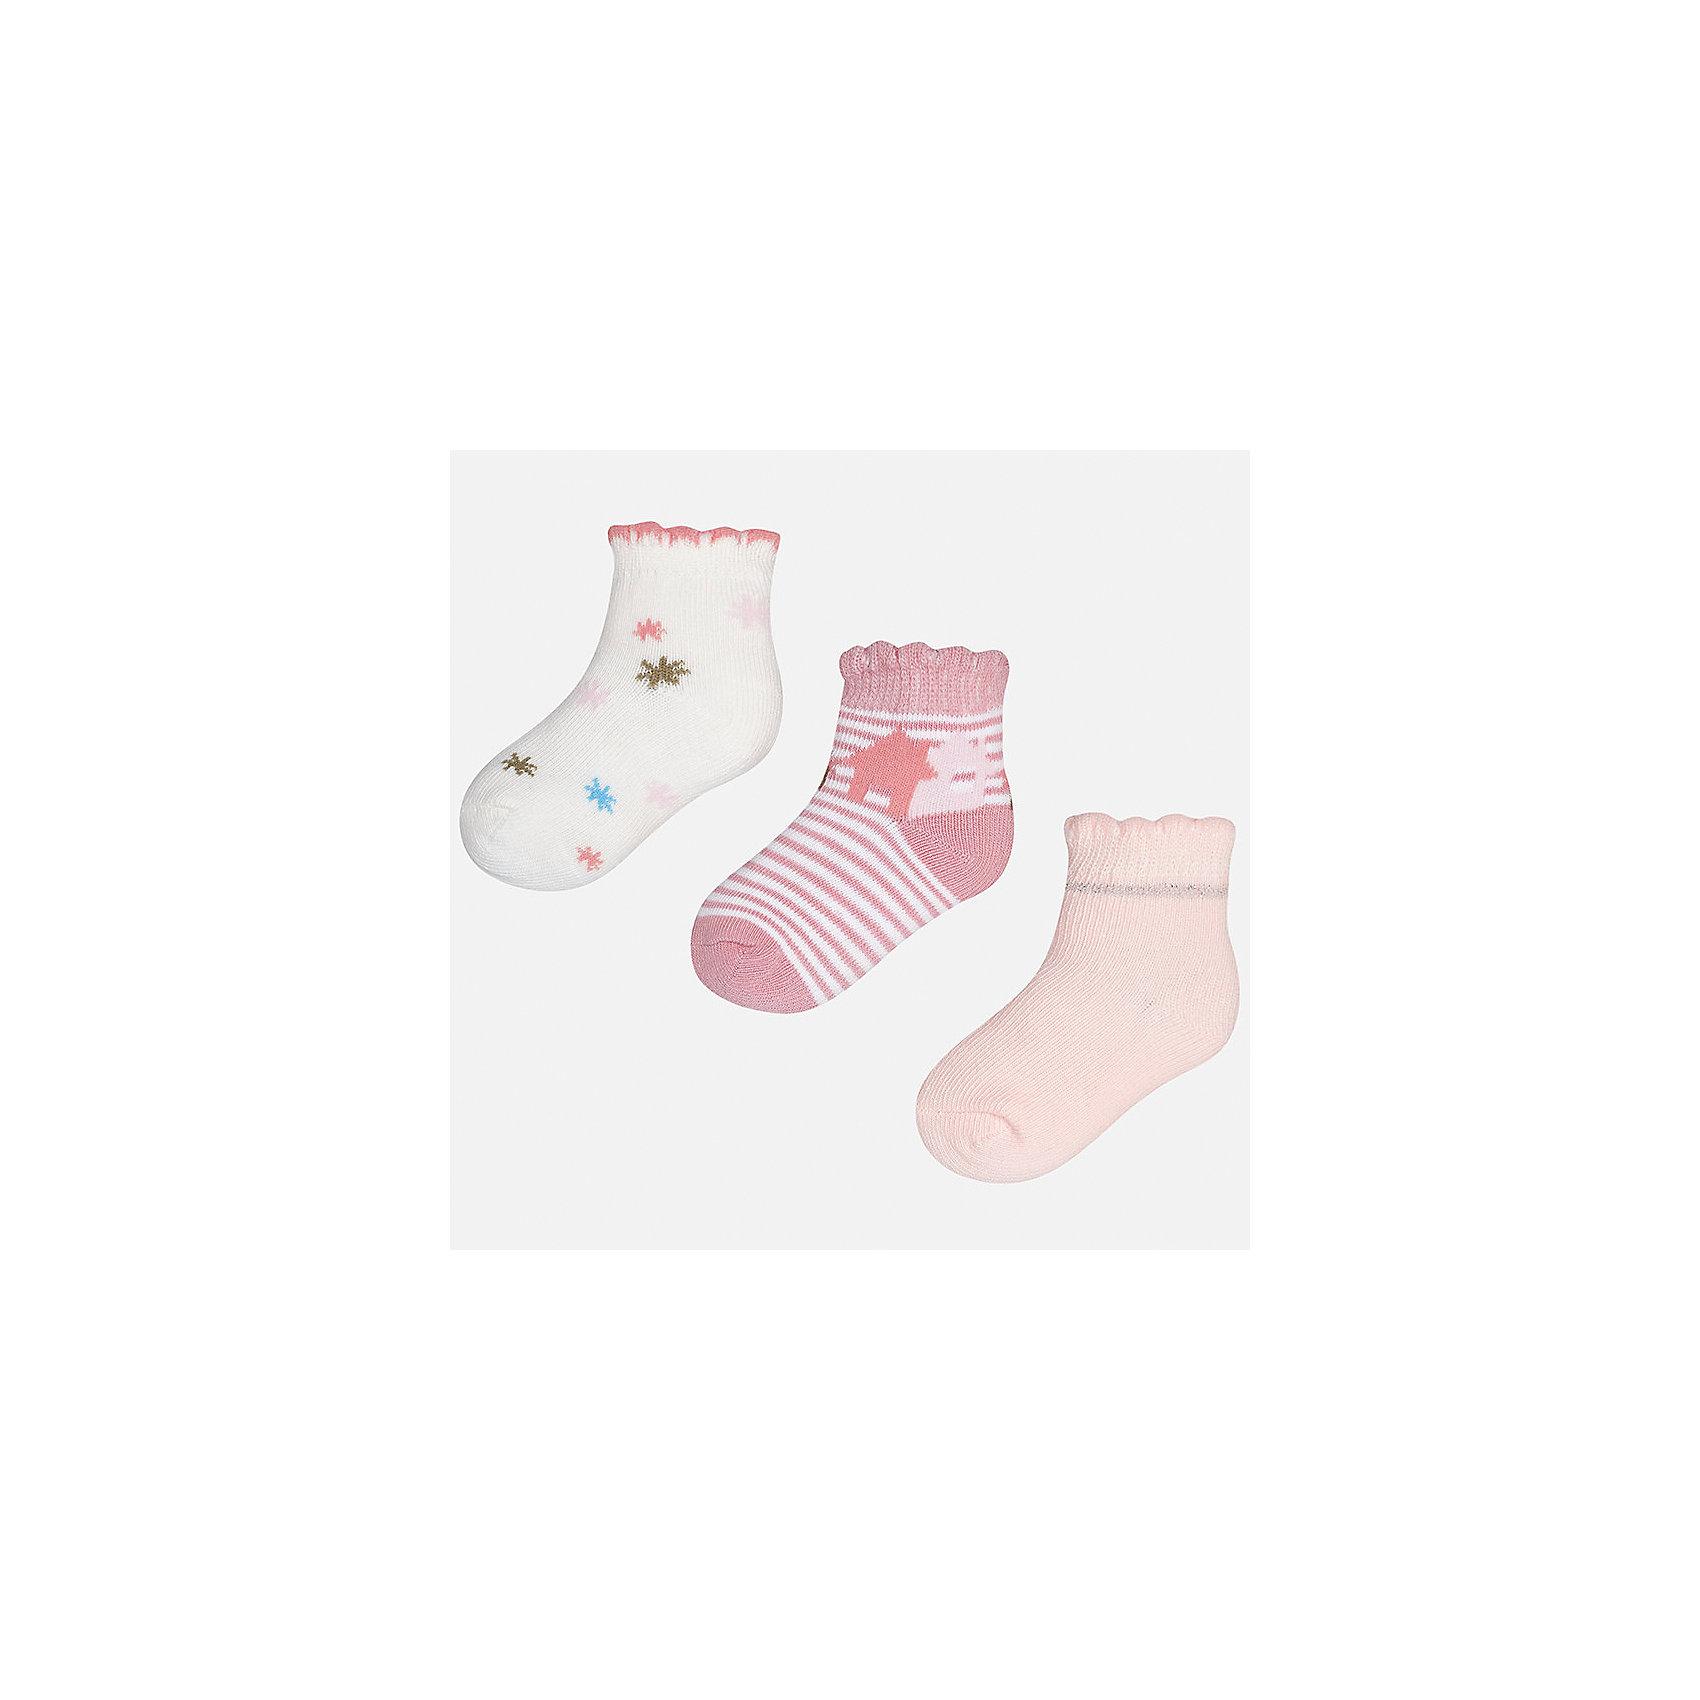 Носки для девочки MayoralХарактеристики товара:<br><br>• цвет: белый/розовый<br>• состав: 68% хлопок, 28% полиамид, 4% эластан<br>• комплектация: 3 пары<br>• мягкая ажурная резинка<br>• эластичный материал<br>• декорированы рисунком<br>• страна бренда: Испания<br><br>Красивые и удобные носки для девочки помогут обеспечить ребенку комфорт и дополнить наряд. Универсальный цвет позволяет надевать их под обувь разных расцветок. Носки удобно сидят на ноге и красиво смотрятся. В составе материала - натуральный хлопок, гипоаллергенный, приятный на ощупь, дышащий. <br><br>Одежда, обувь и аксессуары от испанского бренда Mayoral полюбились детям и взрослым по всему миру. Модели этой марки - стильные и удобные. Для их производства используются только безопасные, качественные материалы и фурнитура. Порадуйте ребенка модными и красивыми вещами от Mayoral! <br><br>Носки для девочки от испанского бренда Mayoral (Майорал) можно купить в нашем интернет-магазине.<br><br>Ширина мм: 87<br>Глубина мм: 10<br>Высота мм: 105<br>Вес г: 115<br>Цвет: бежевый<br>Возраст от месяцев: 21<br>Возраст до месяцев: 24<br>Пол: Женский<br>Возраст: Детский<br>Размер: 24,12<br>SKU: 5293400